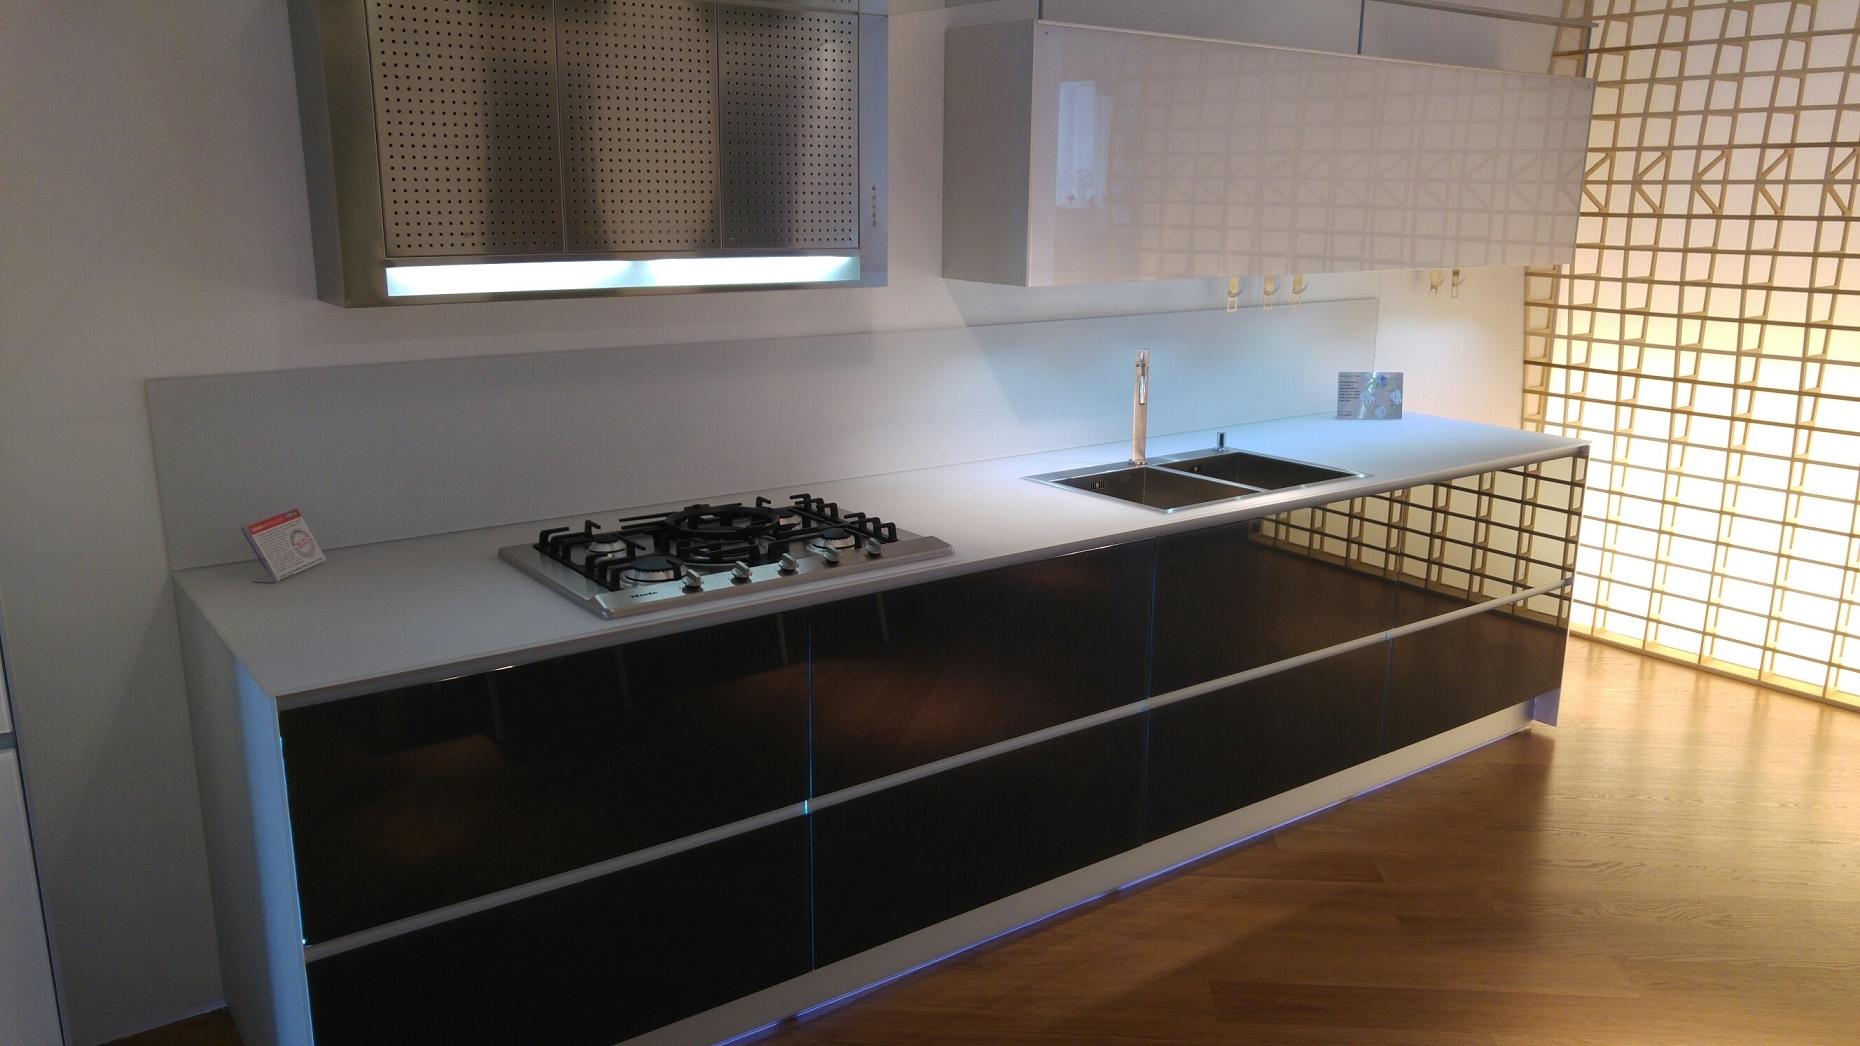 Cucina Artematica Vitrum Valcucine Bianca : Valcucine artematica vitrum scontato del cucine a